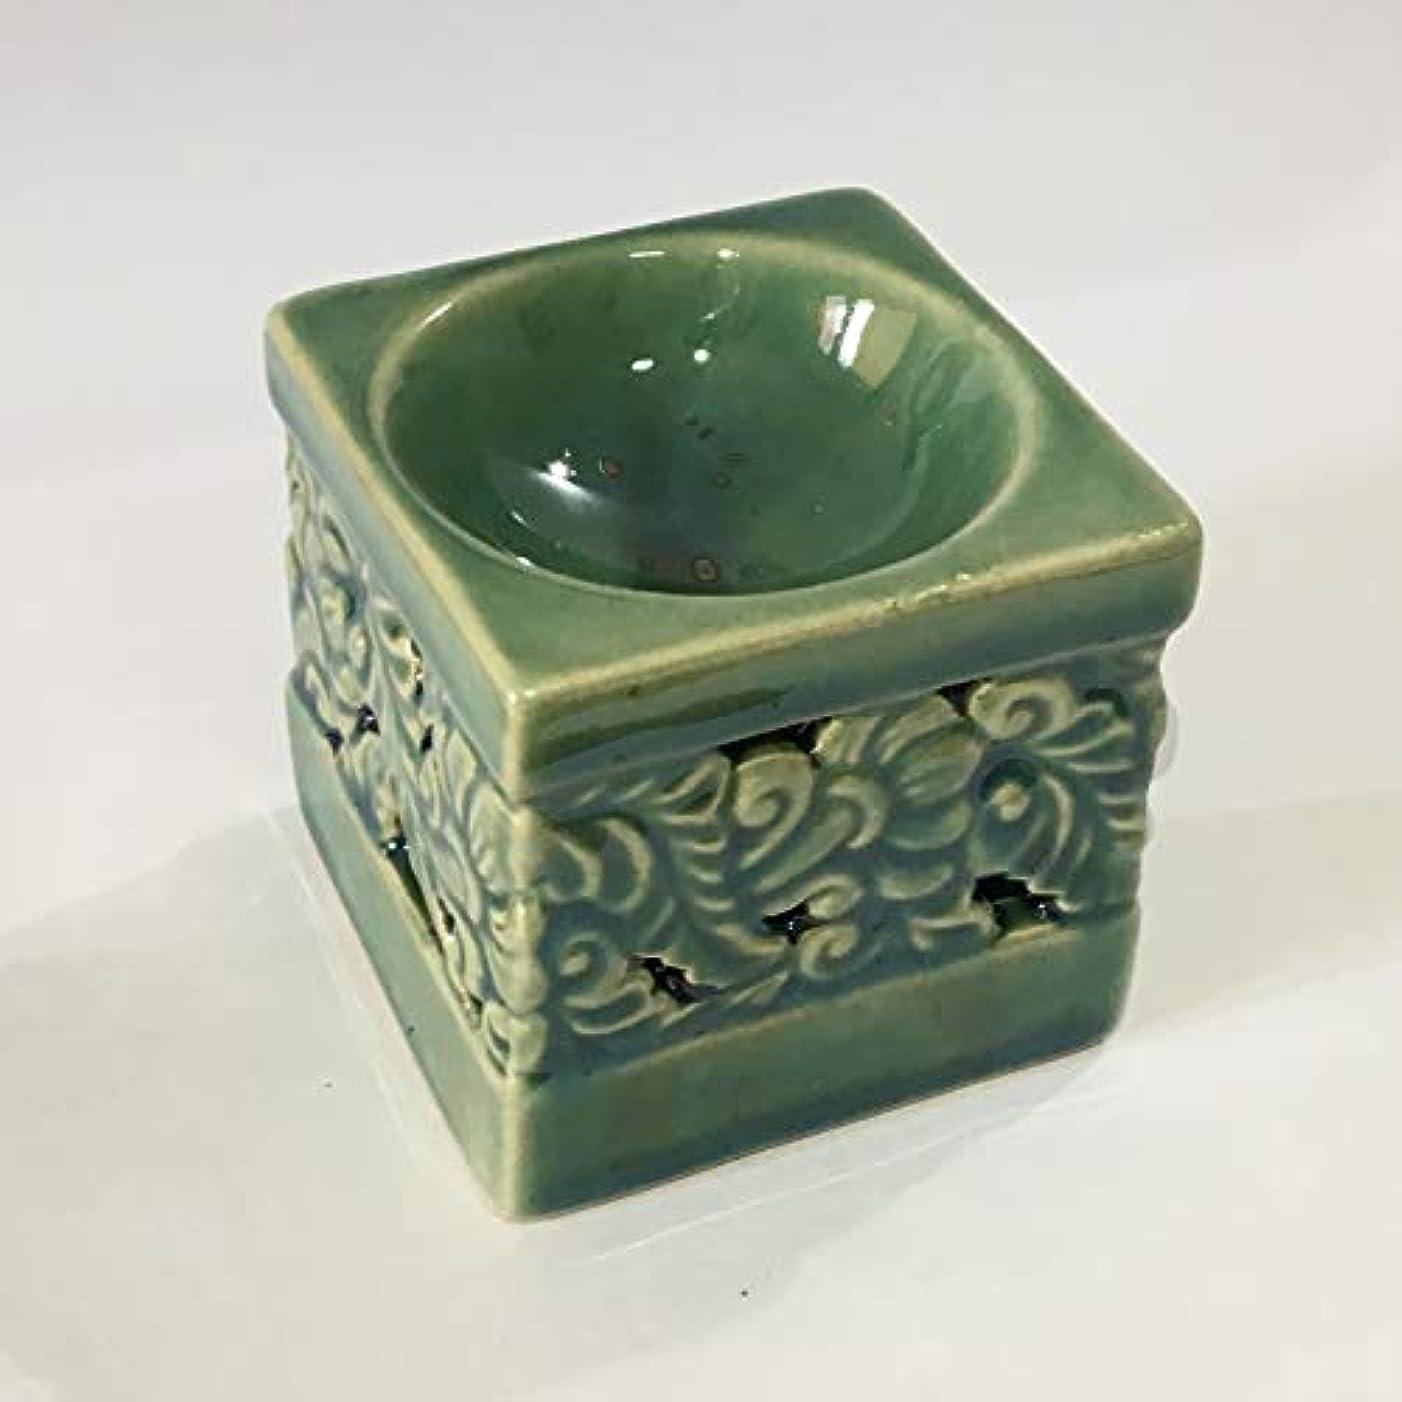 不十分乱れミシン目アロマポット カービング柄 (緑)チェンマイ産 香炉 陶器 アロマ炉 タイ 精油 アロマ炉